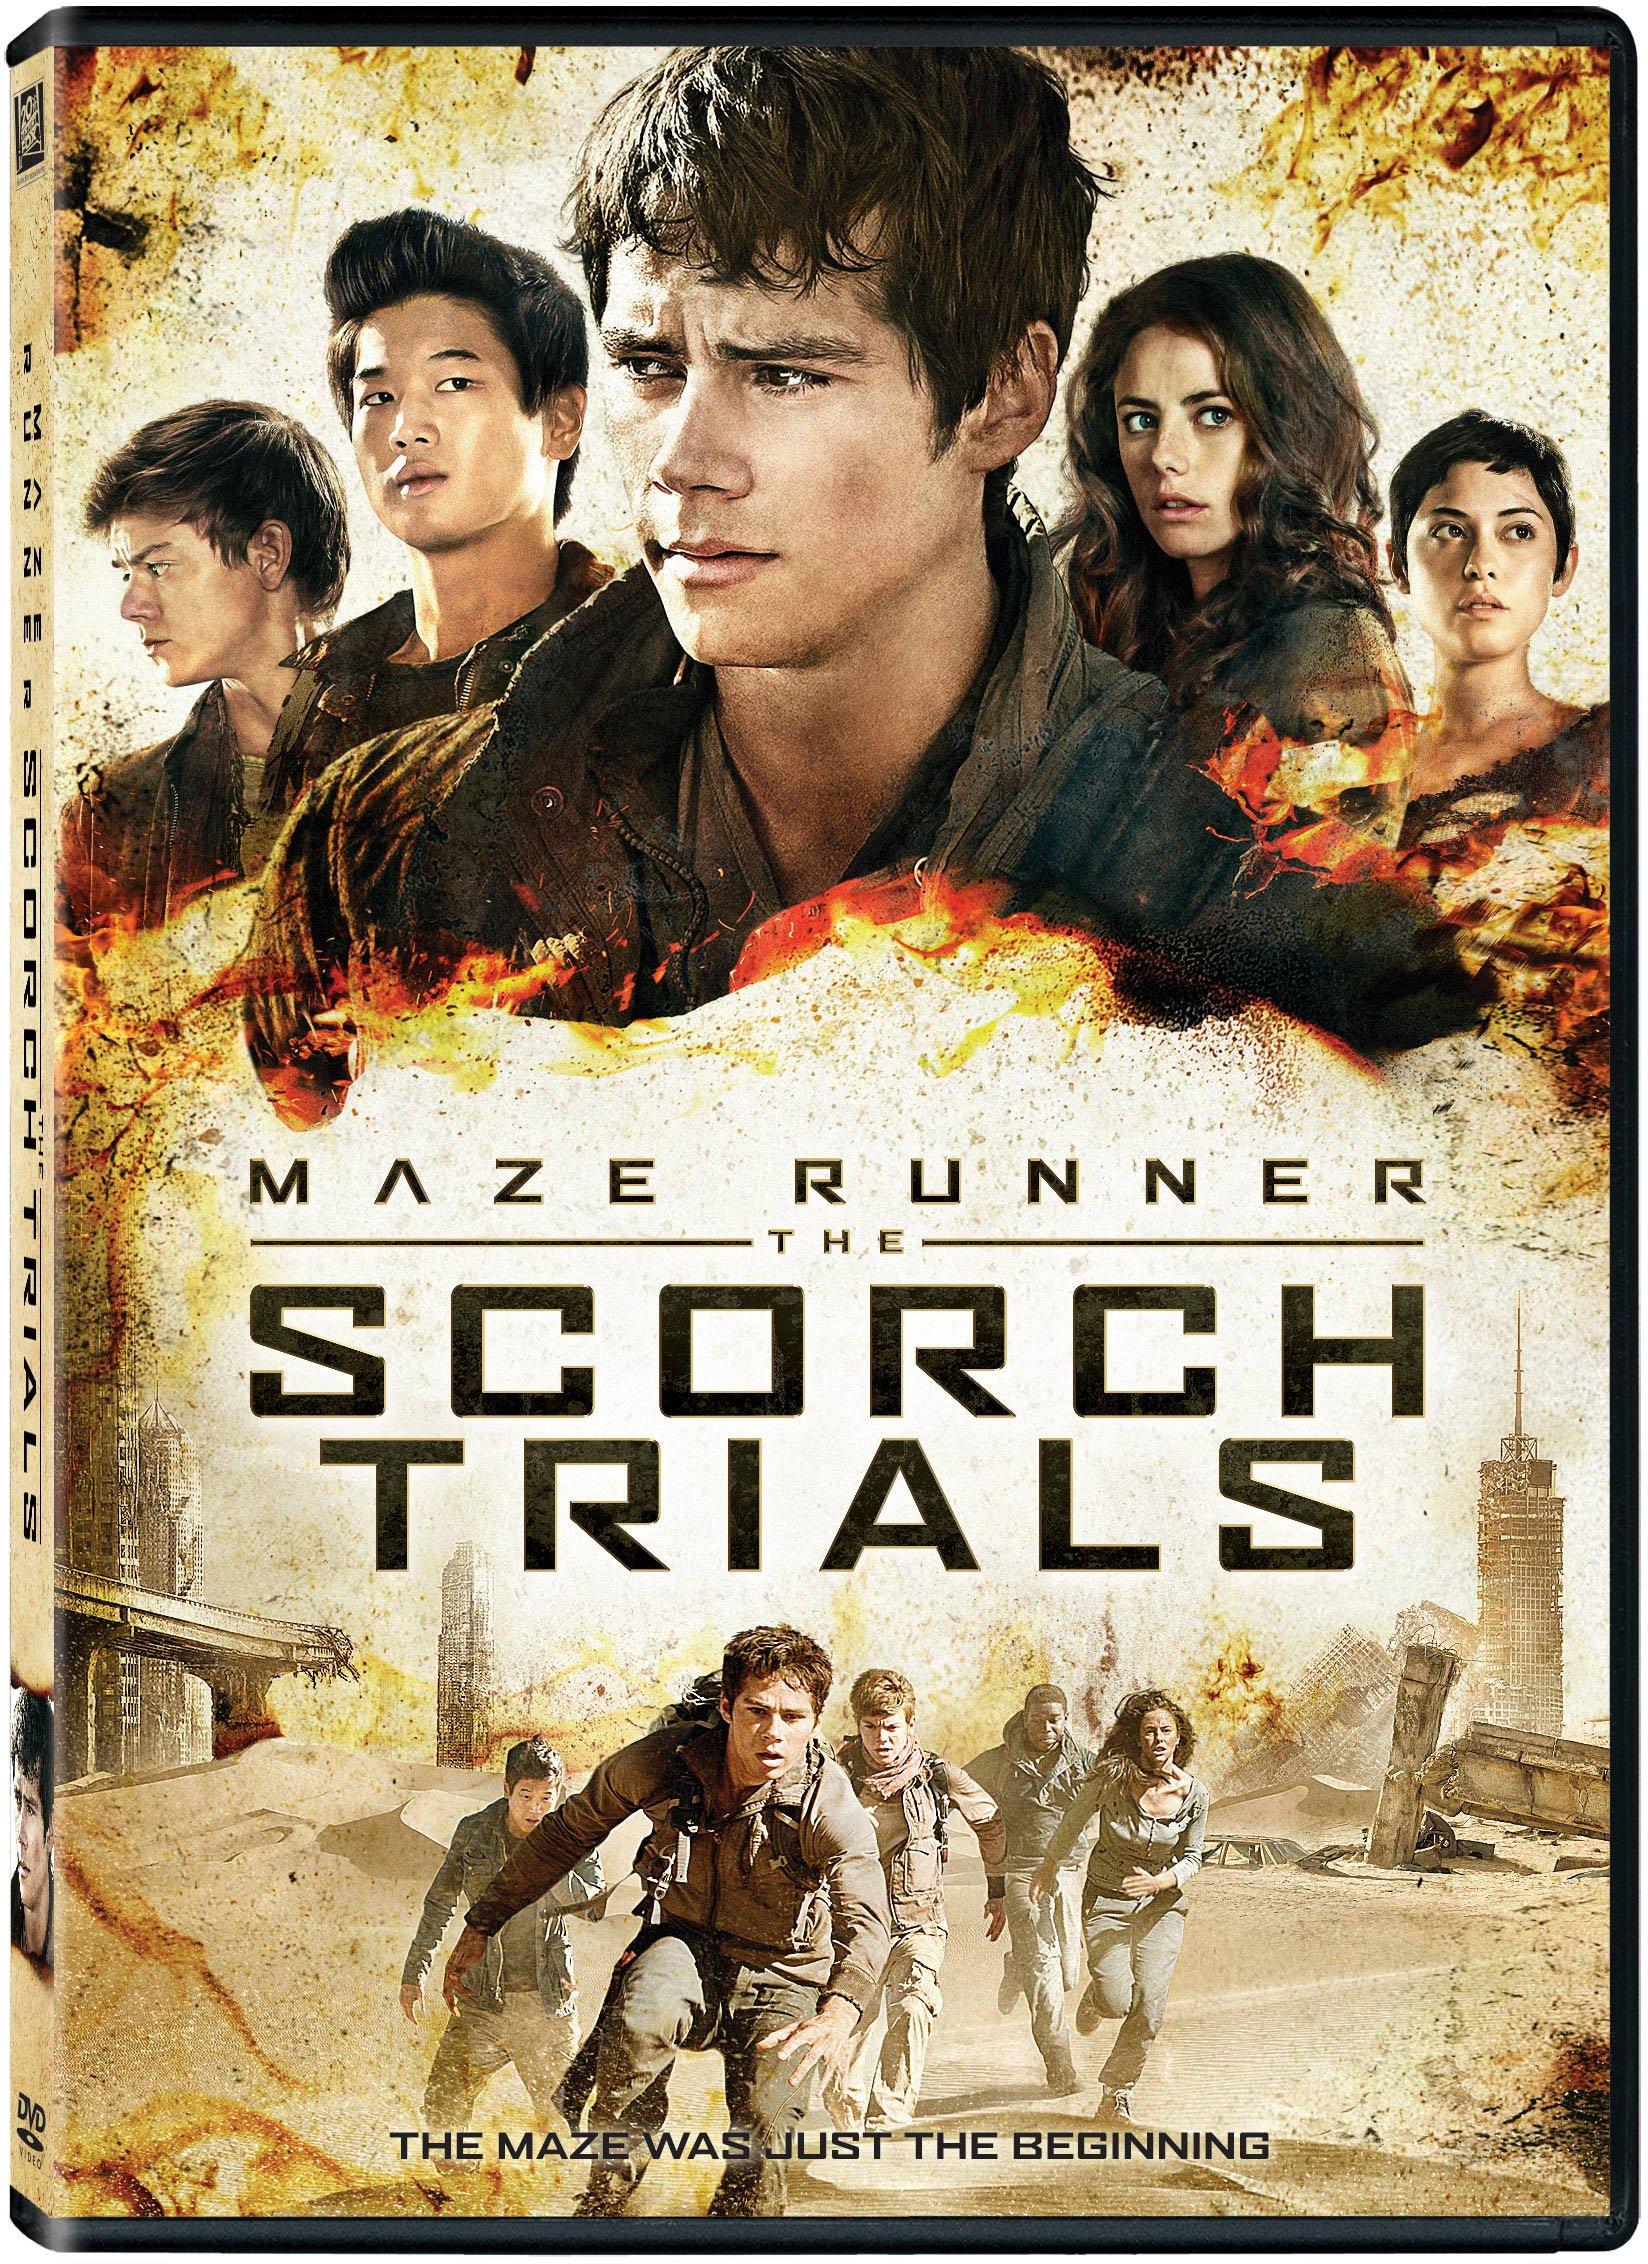 DVD : Maze Runner: The Scorch Trials (DVD)